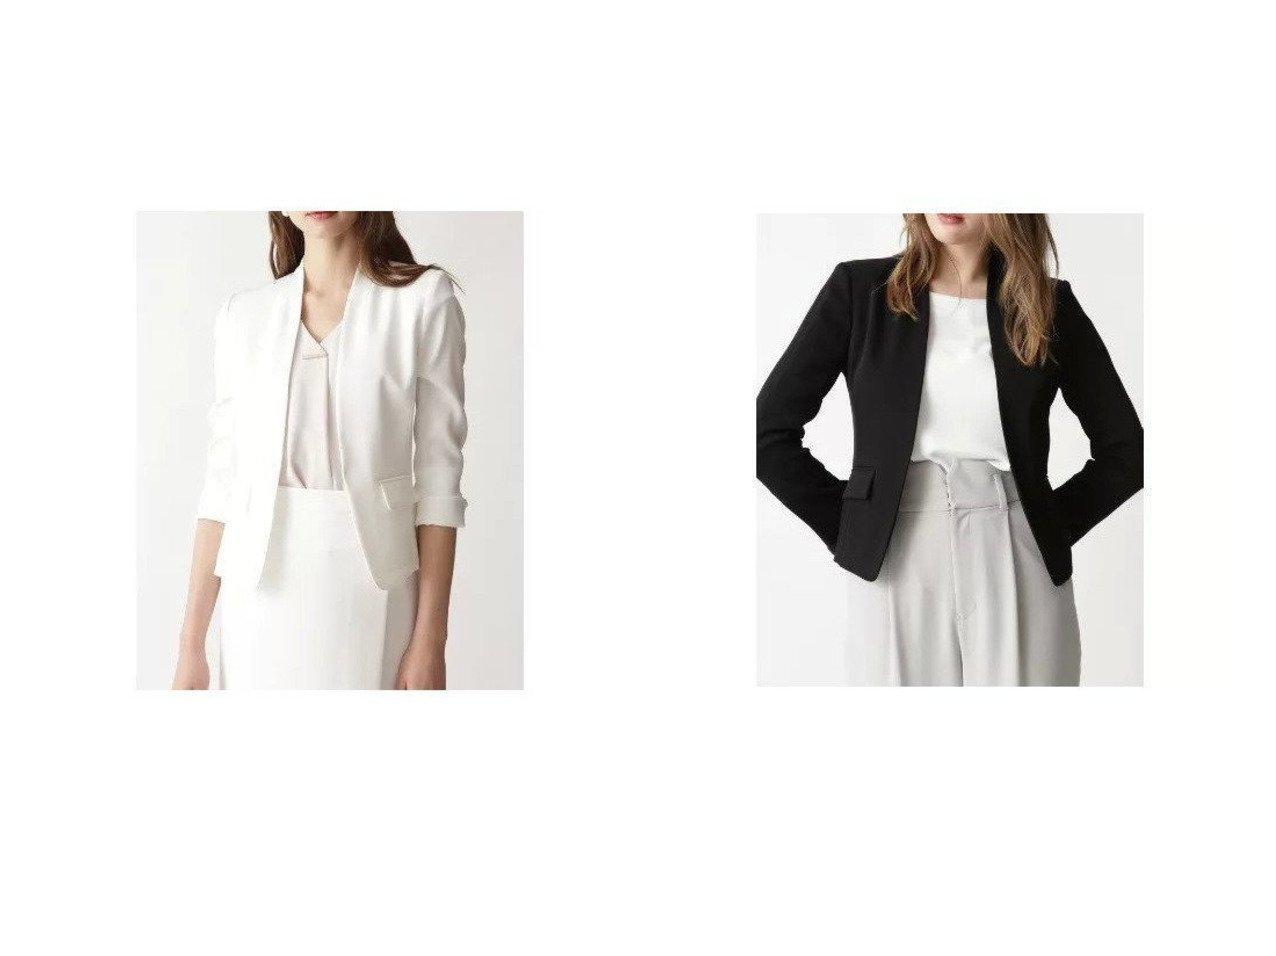 【Pinky&Dianne/ピンキーアンドダイアン】のハイツイストセットアップジャケット アウターのおすすめ!人気、トレンド・レディースファッションの通販 おすすめで人気の流行・トレンド、ファッションの通販商品 メンズファッション・キッズファッション・インテリア・家具・レディースファッション・服の通販 founy(ファニー) https://founy.com/ ファッション Fashion レディースファッション WOMEN アウター Coat Outerwear ジャケット Jackets コンパクト シンプル ジャケット スタンダード ダブル バランス  ID:crp329100000023587